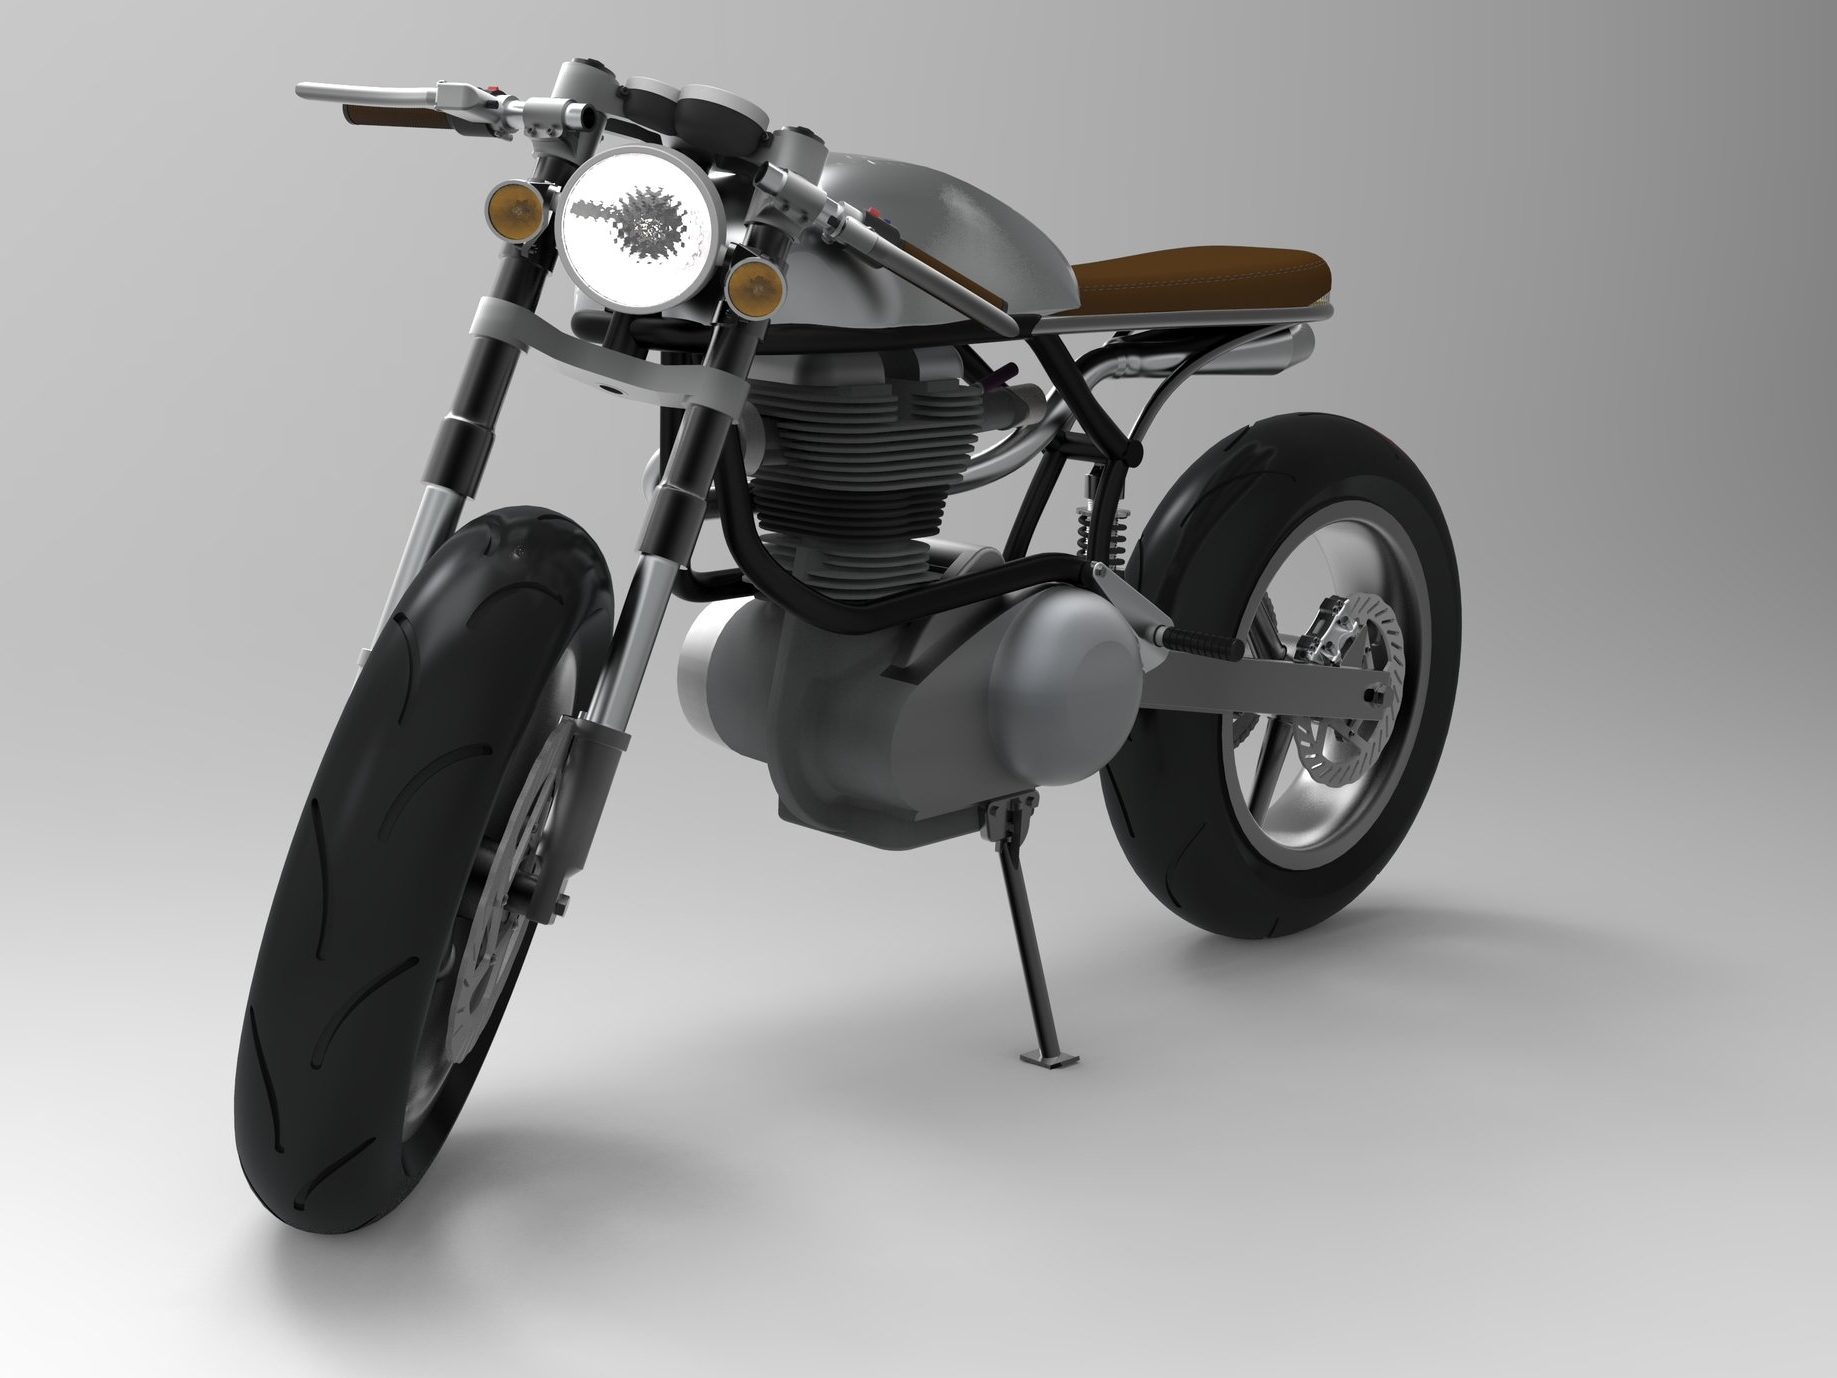 bike on stand.47.jpg